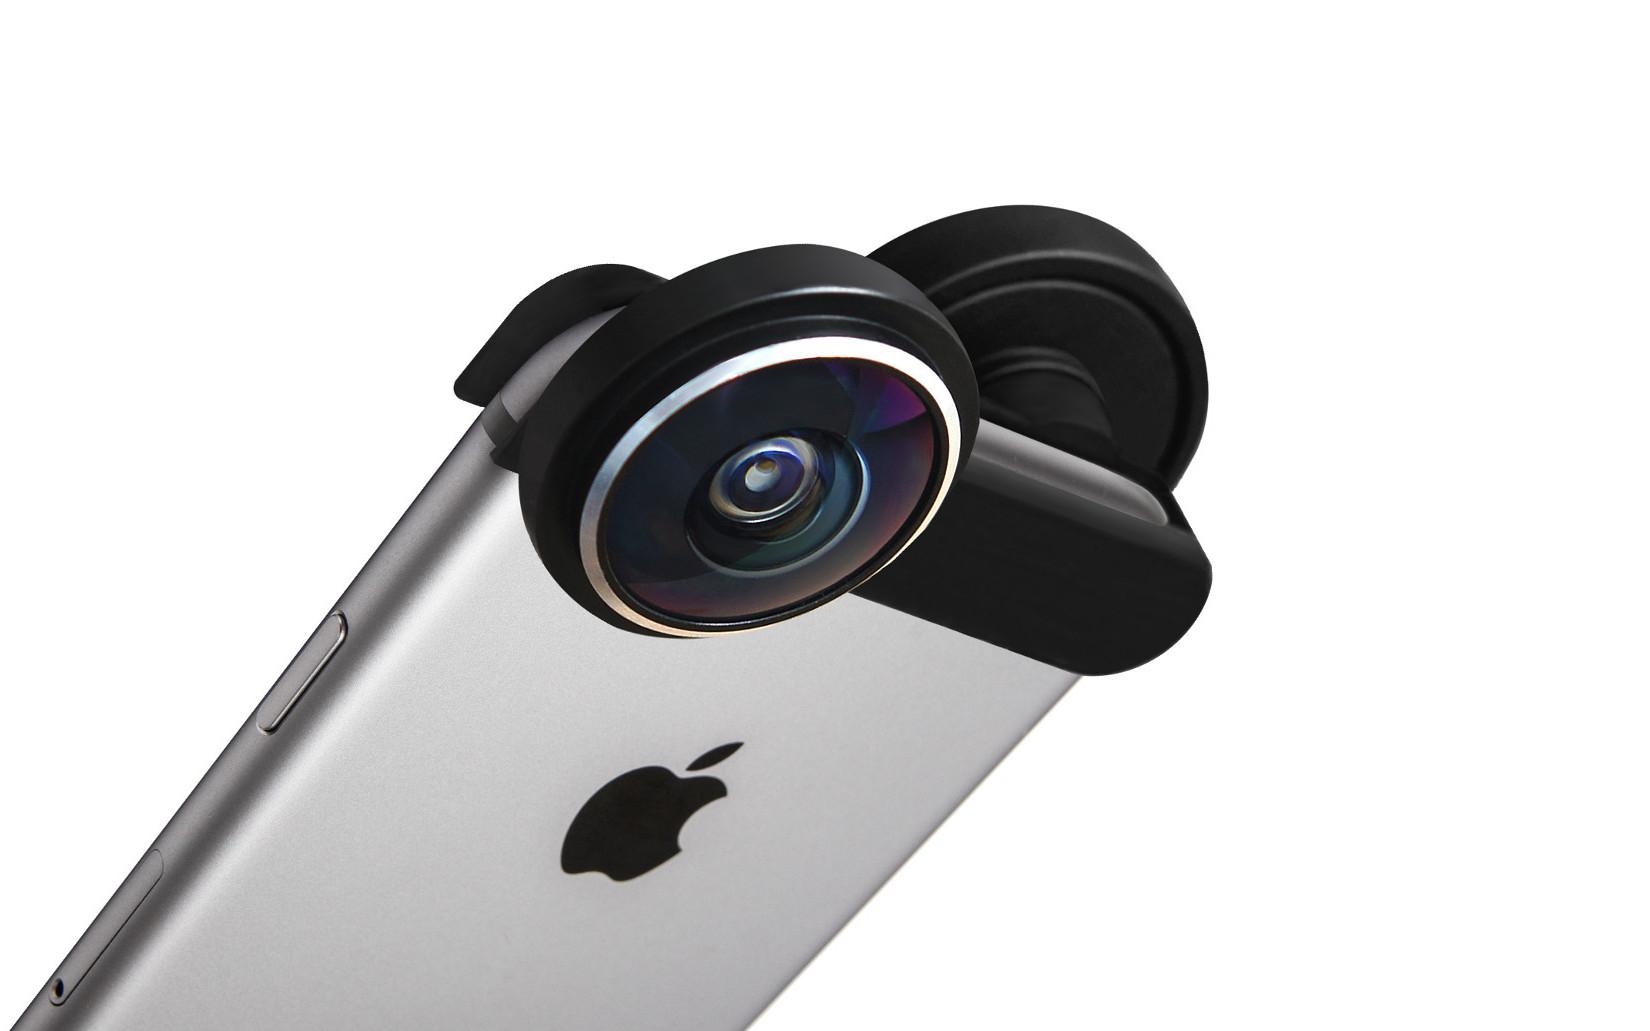 Kamera-Aufsatz: Shot macht aus iPhones 360-Grad-Kameras - Der Shot-Adapter auf einem iPhone (Bild: Shot)